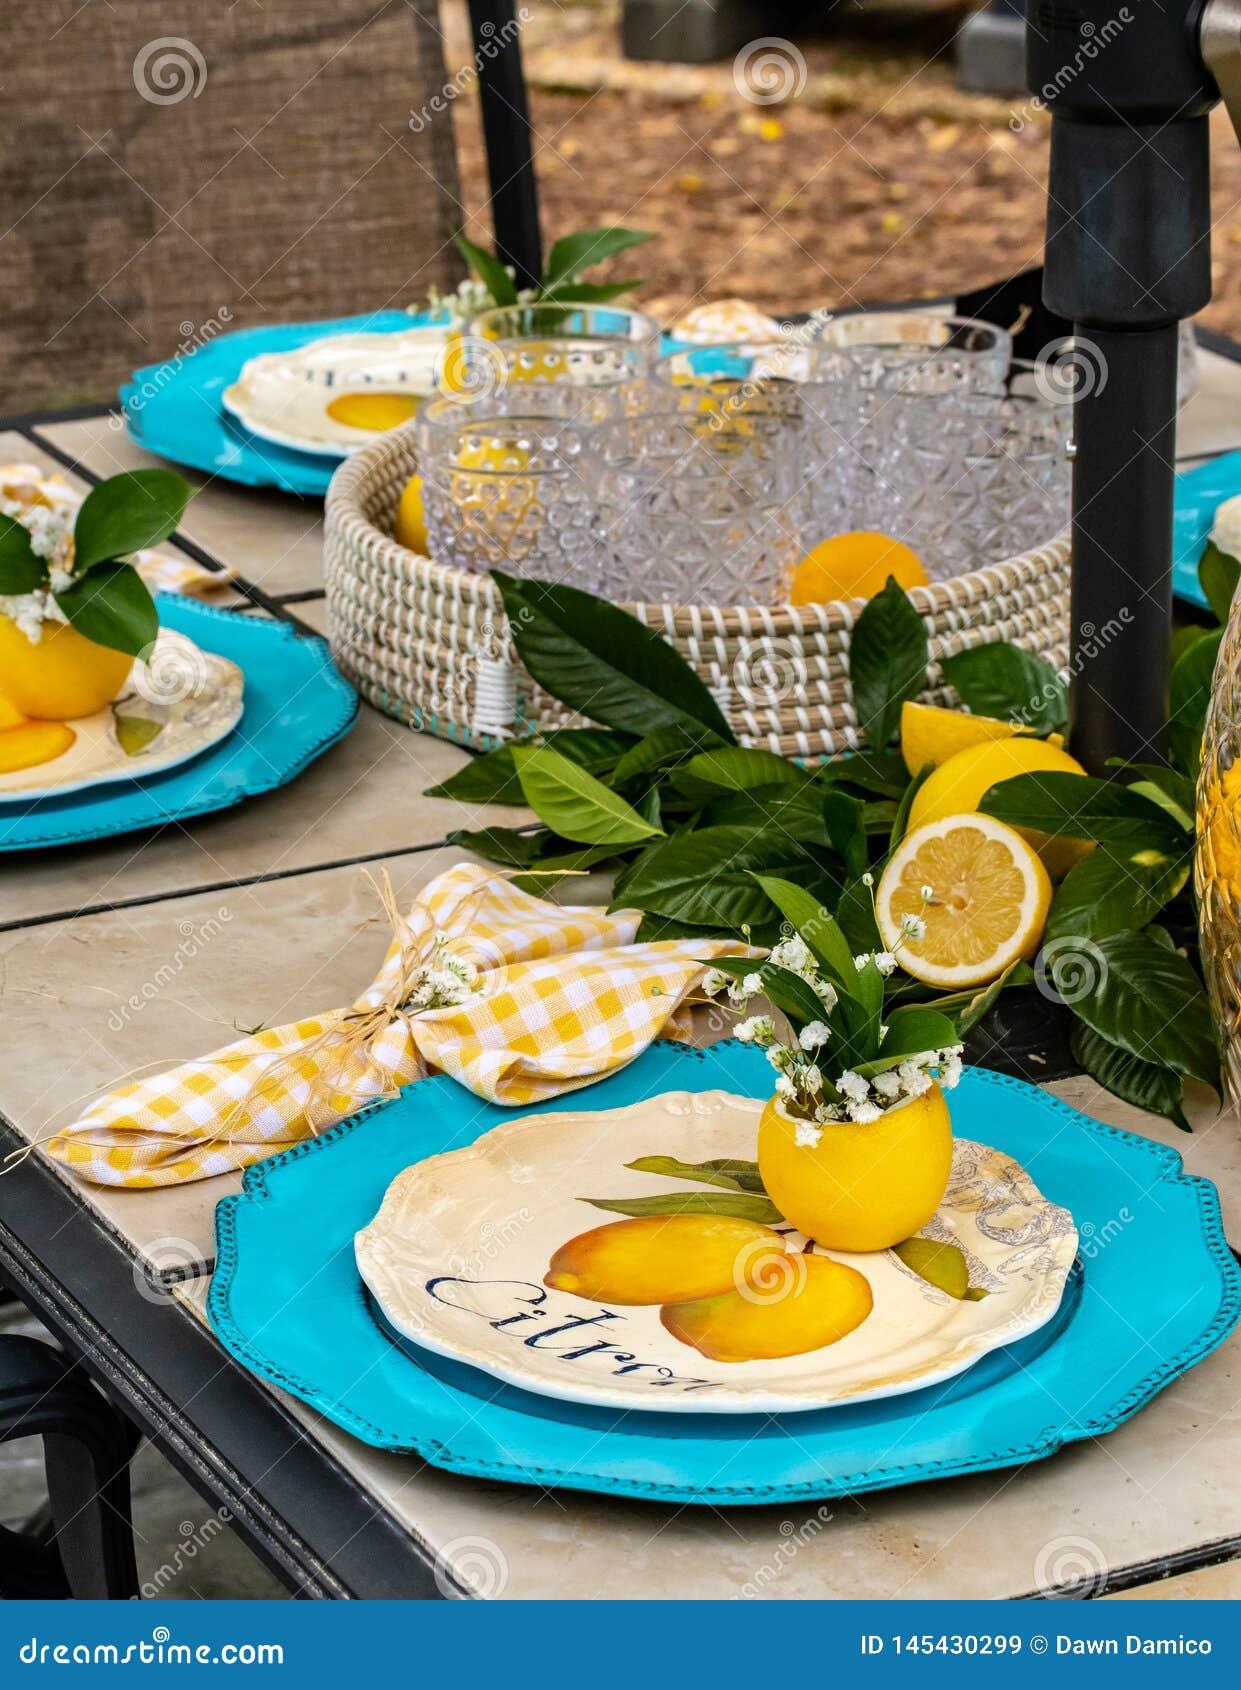 Patio-Speisen im Freien: Festliches und buntes Geschirr in der Knickente und in Zitrone - gelb - Vertikale